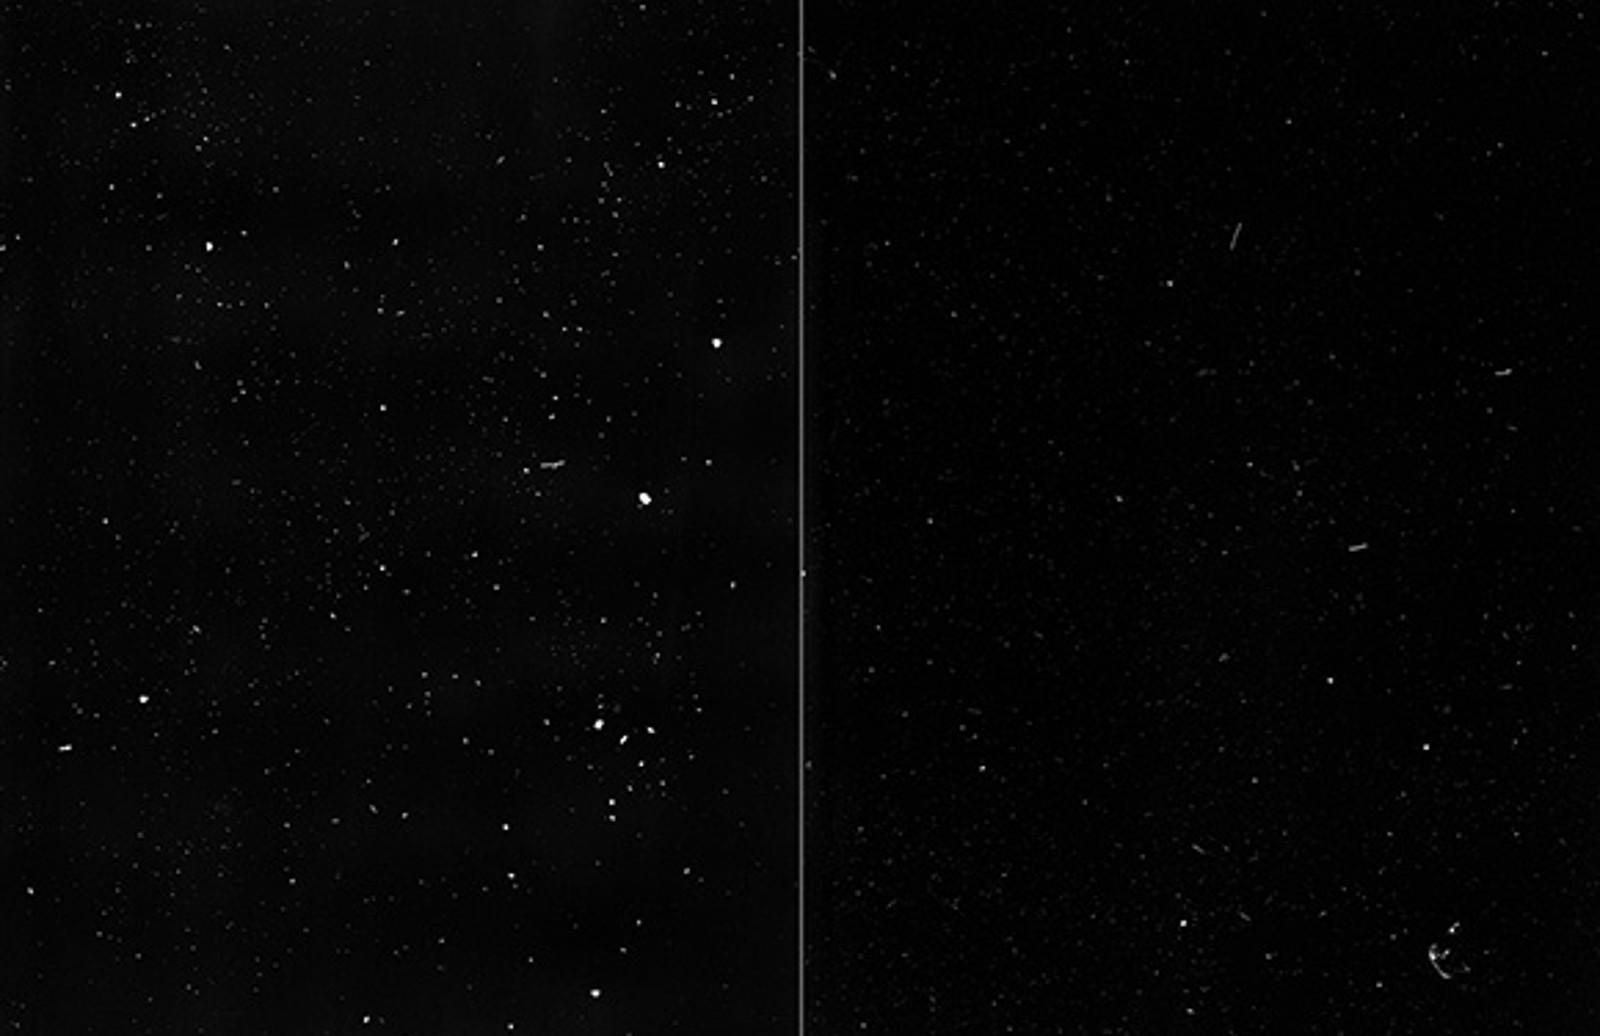 черно-синяя, эффект пыли на фото приложение регулярно